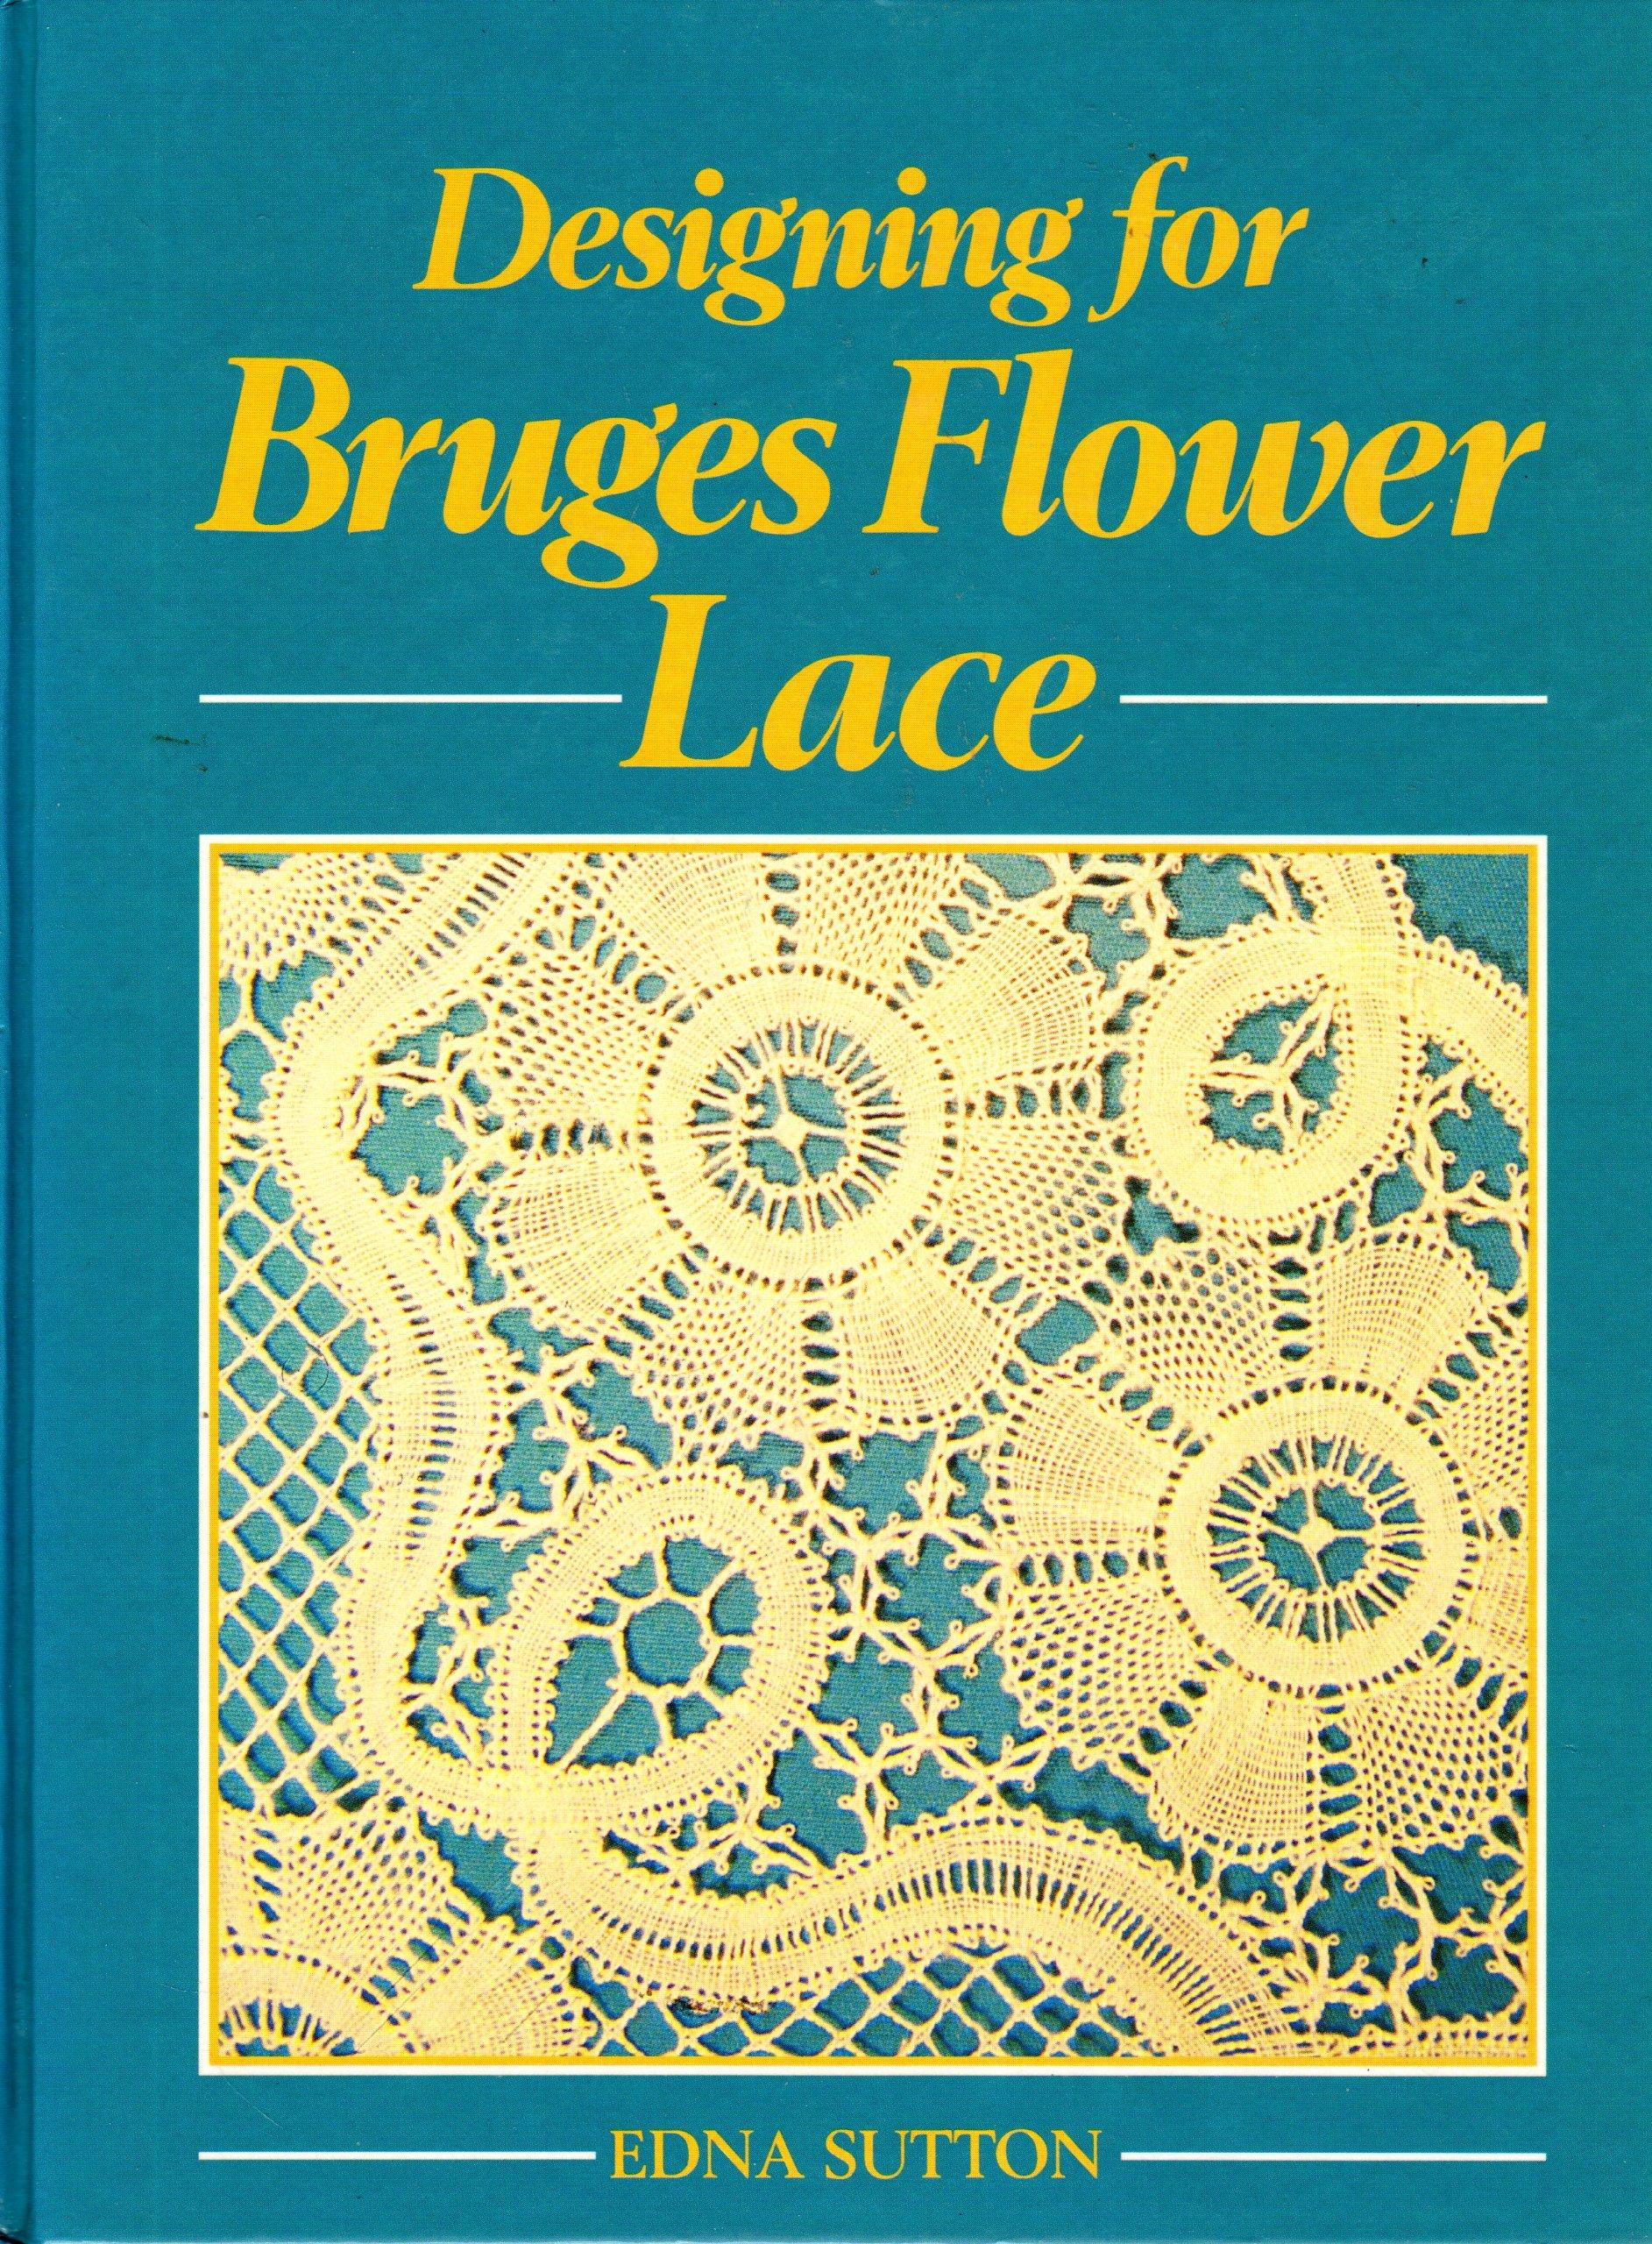 Designing for Bruges Flower Lace..